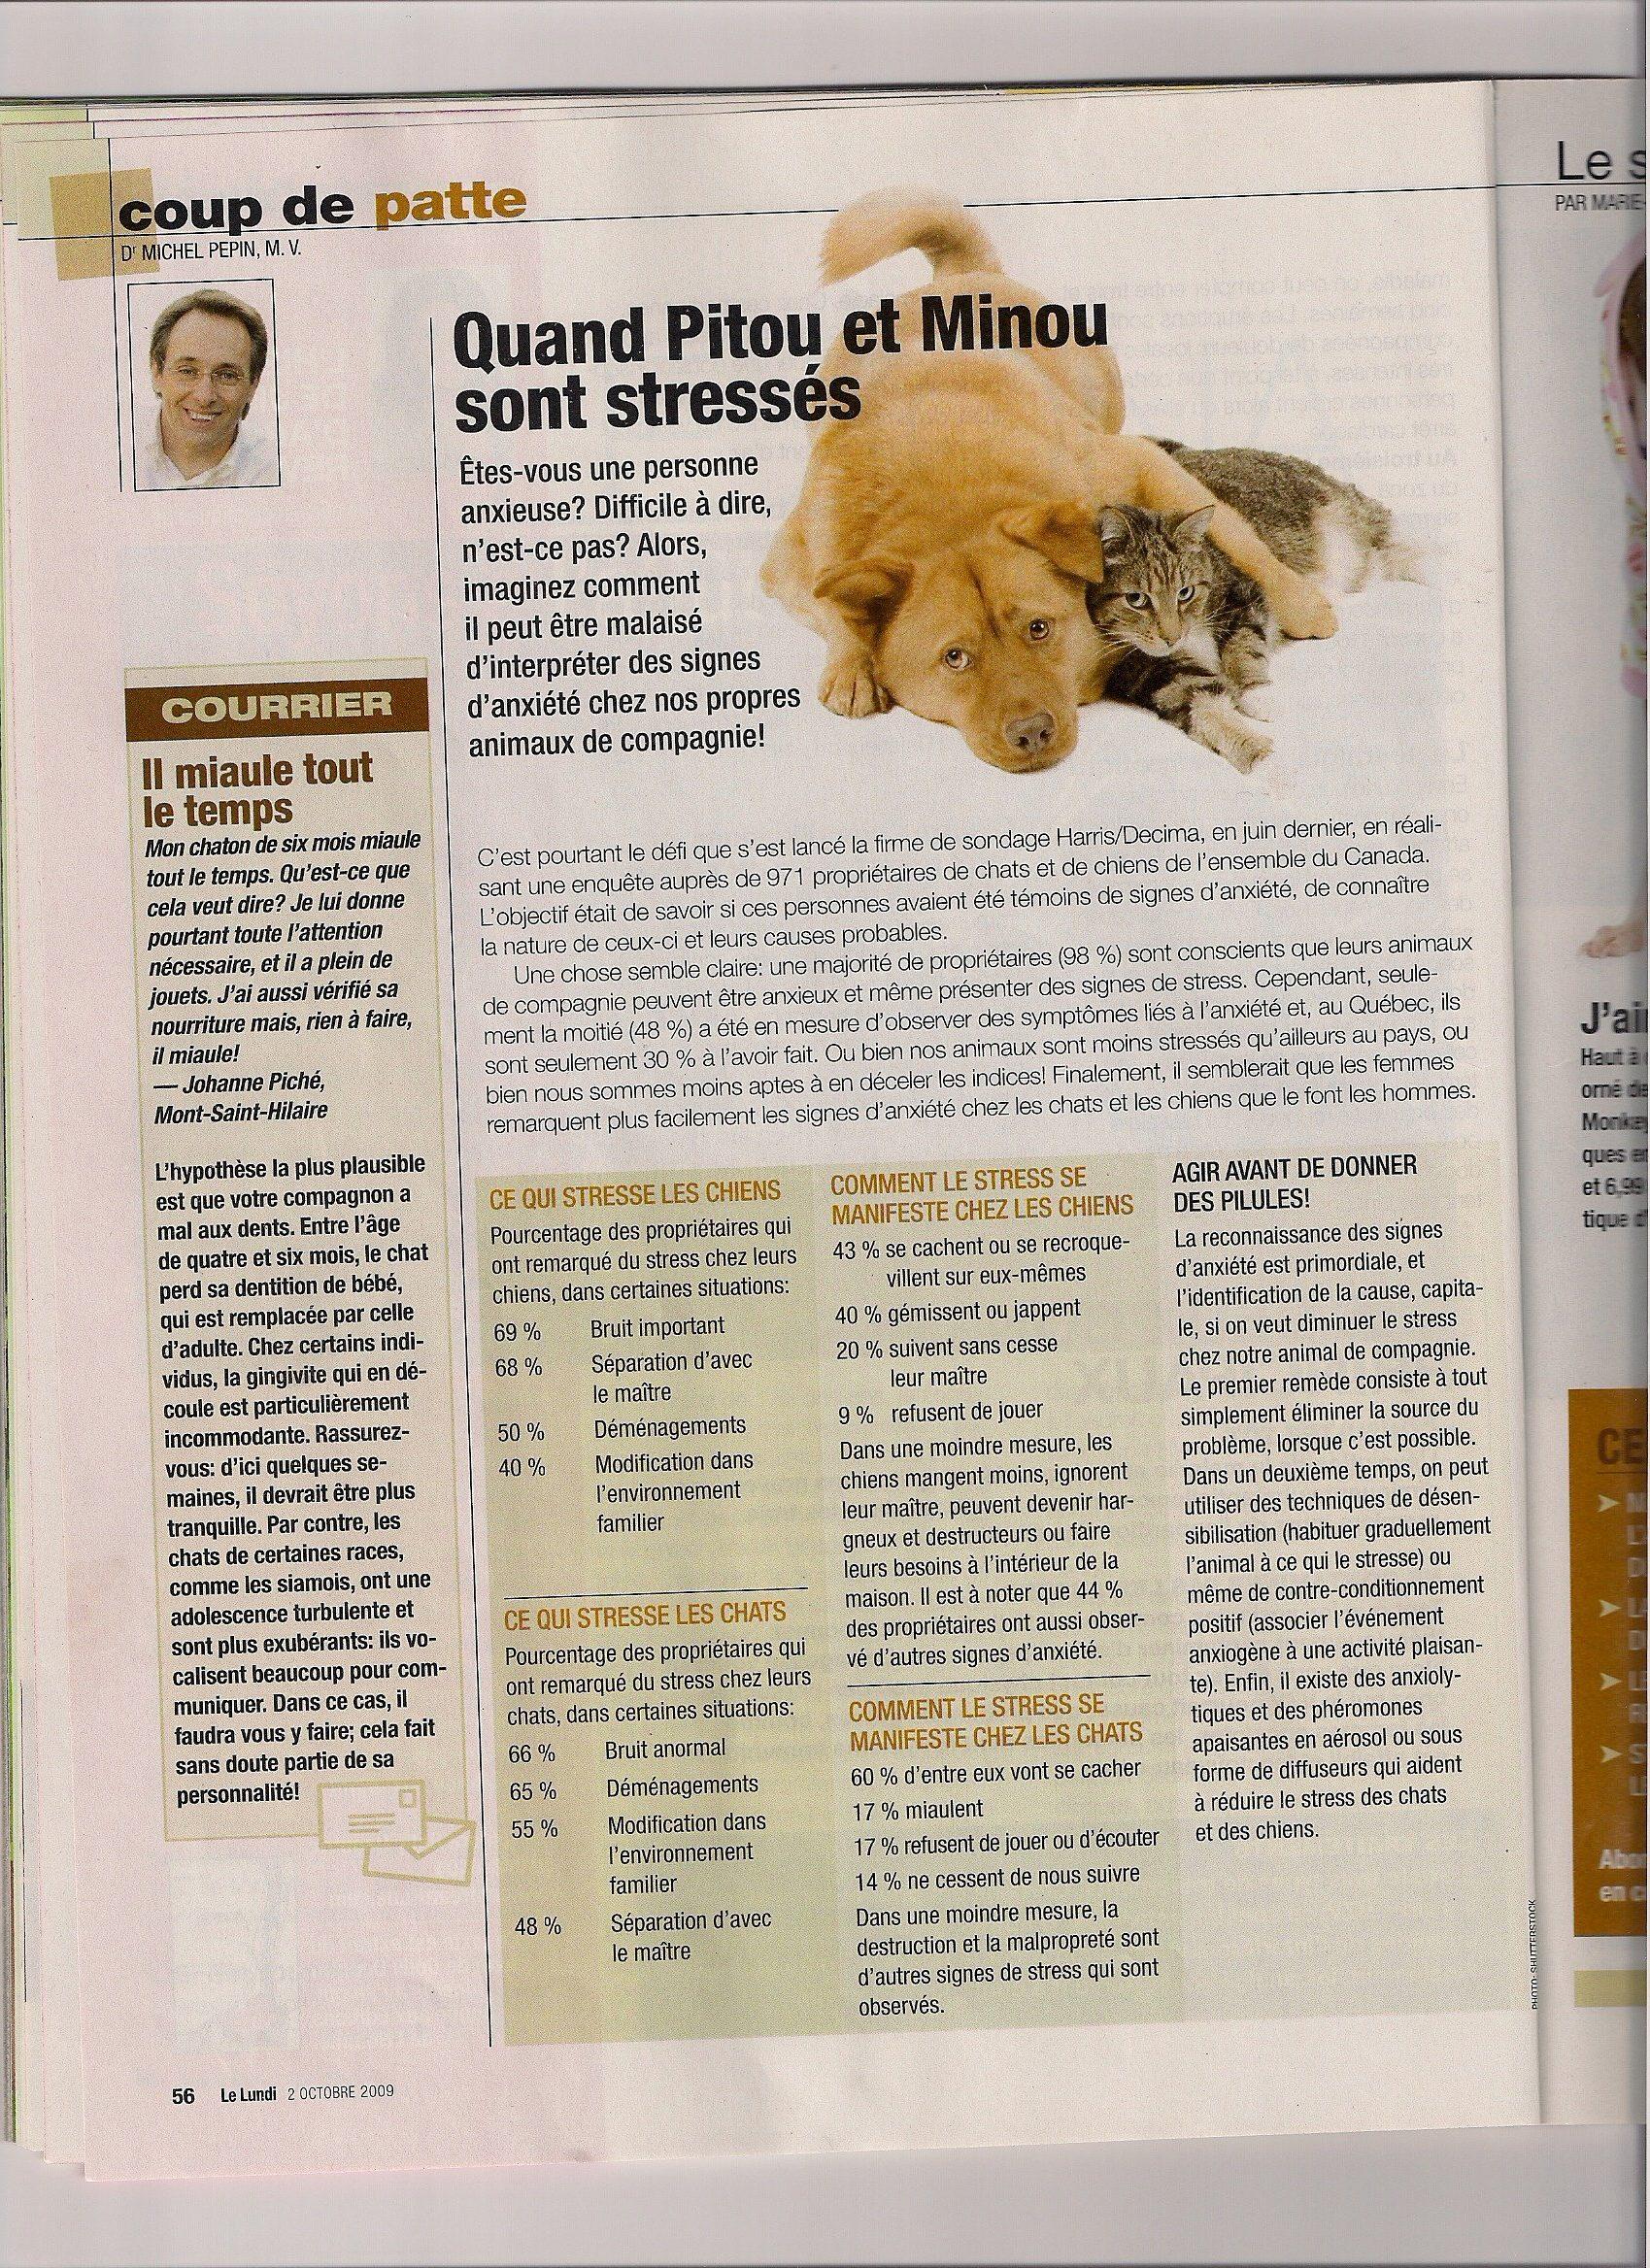 Quand Minou et Pitou sont stresses - Magazine Le Lundi